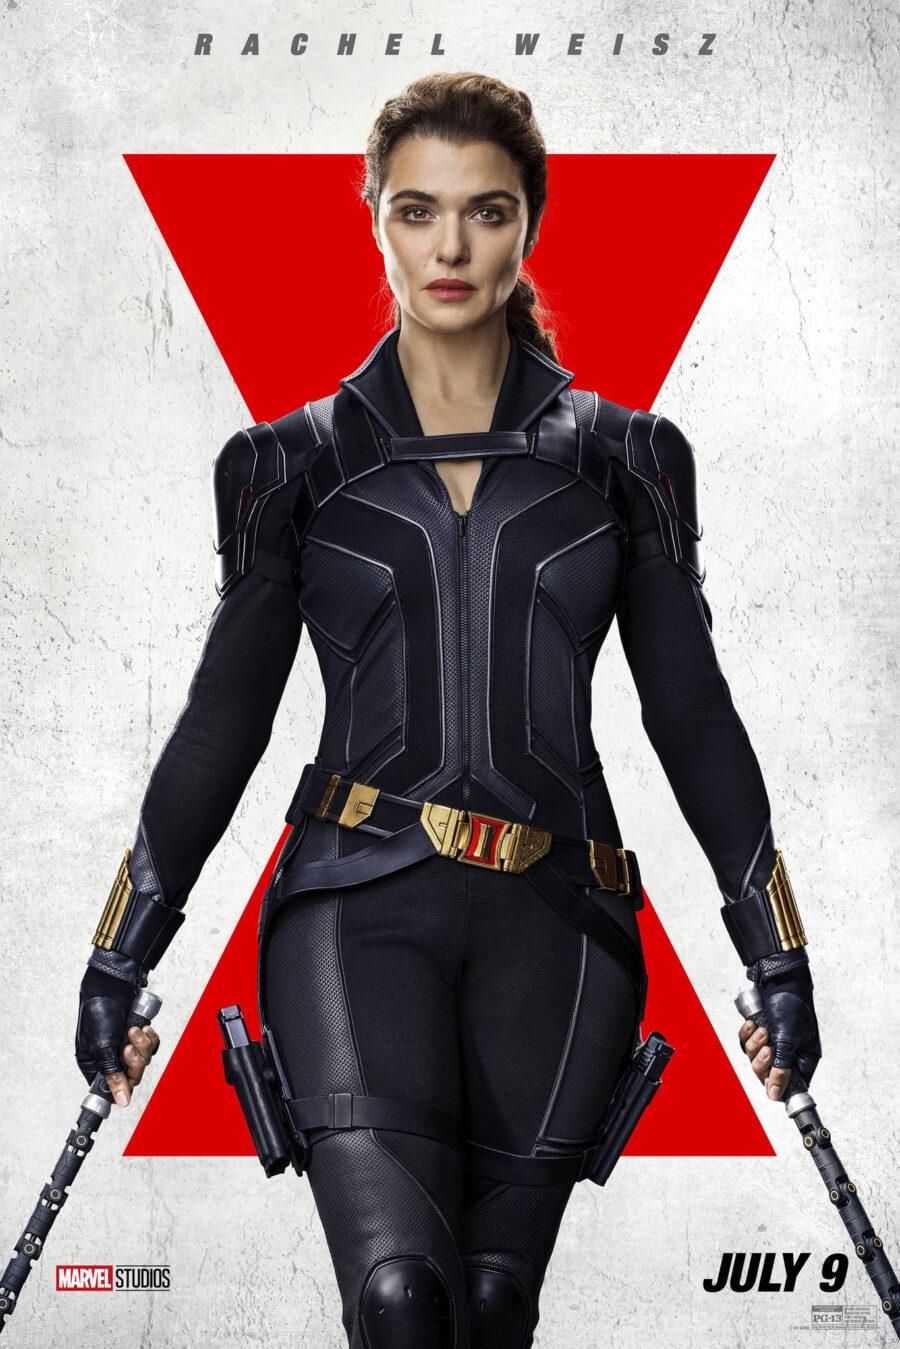 rachel weiss black widow poster